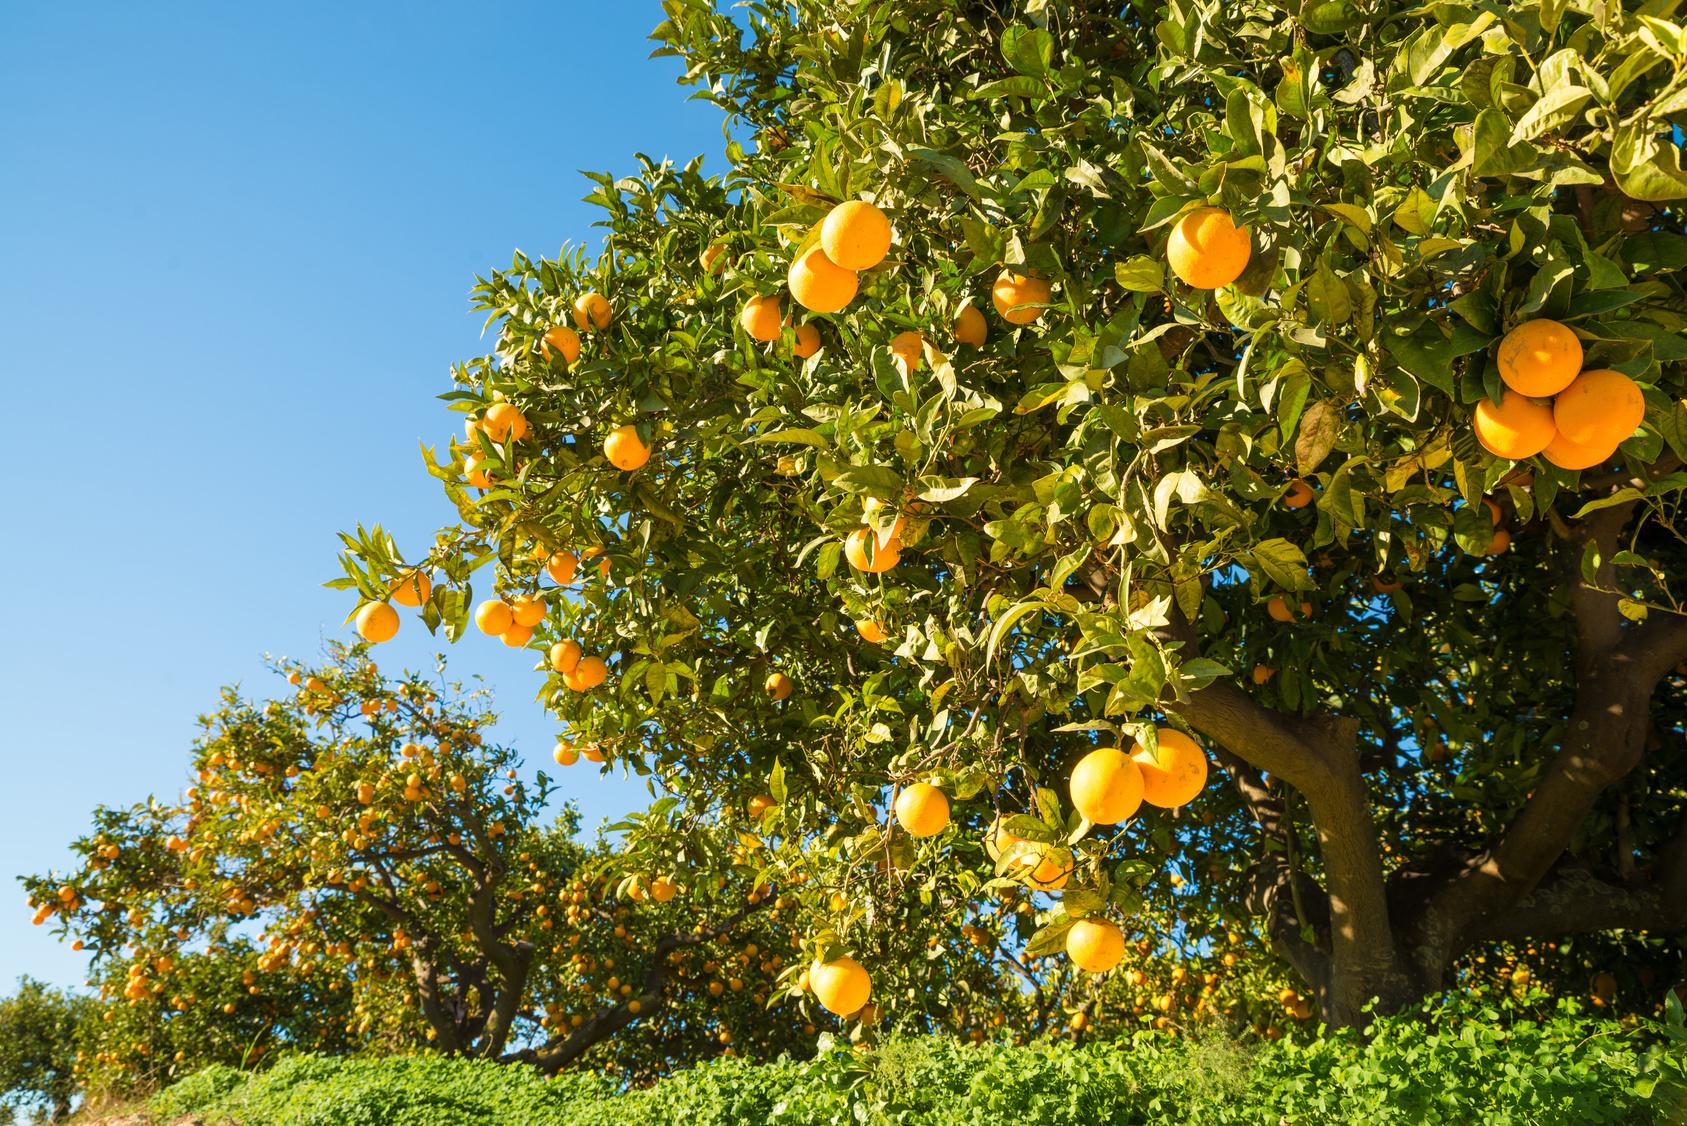 Die Orangenernte wird gut (Titelbild)